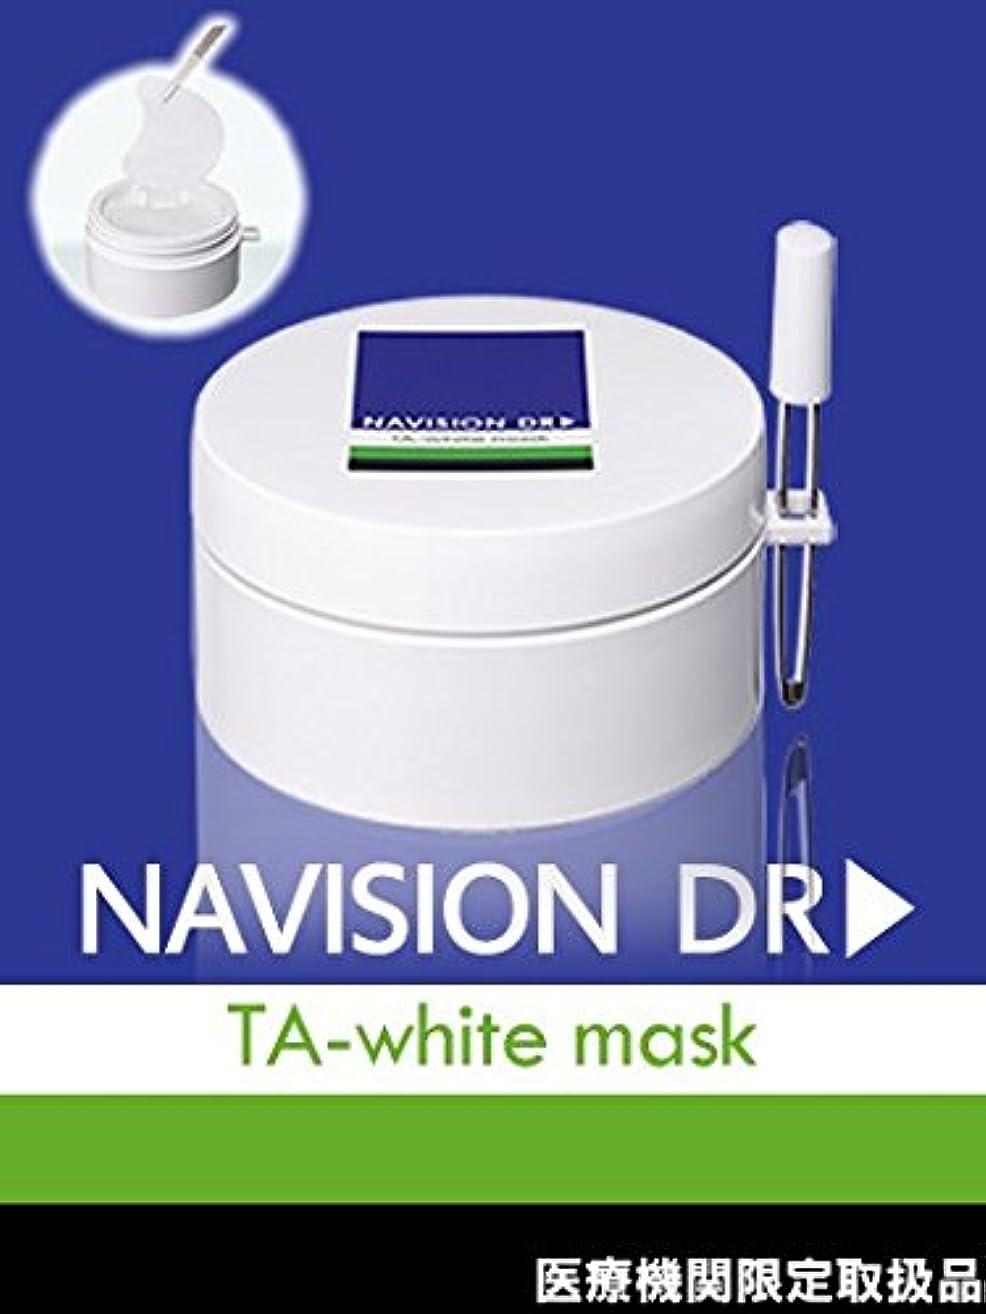 保安不良本会議NAVISION DR? ナビジョンDR TAホワイトマスク(部分用)(医薬部外品) 67mL 60枚入【医療機関限定取扱品】